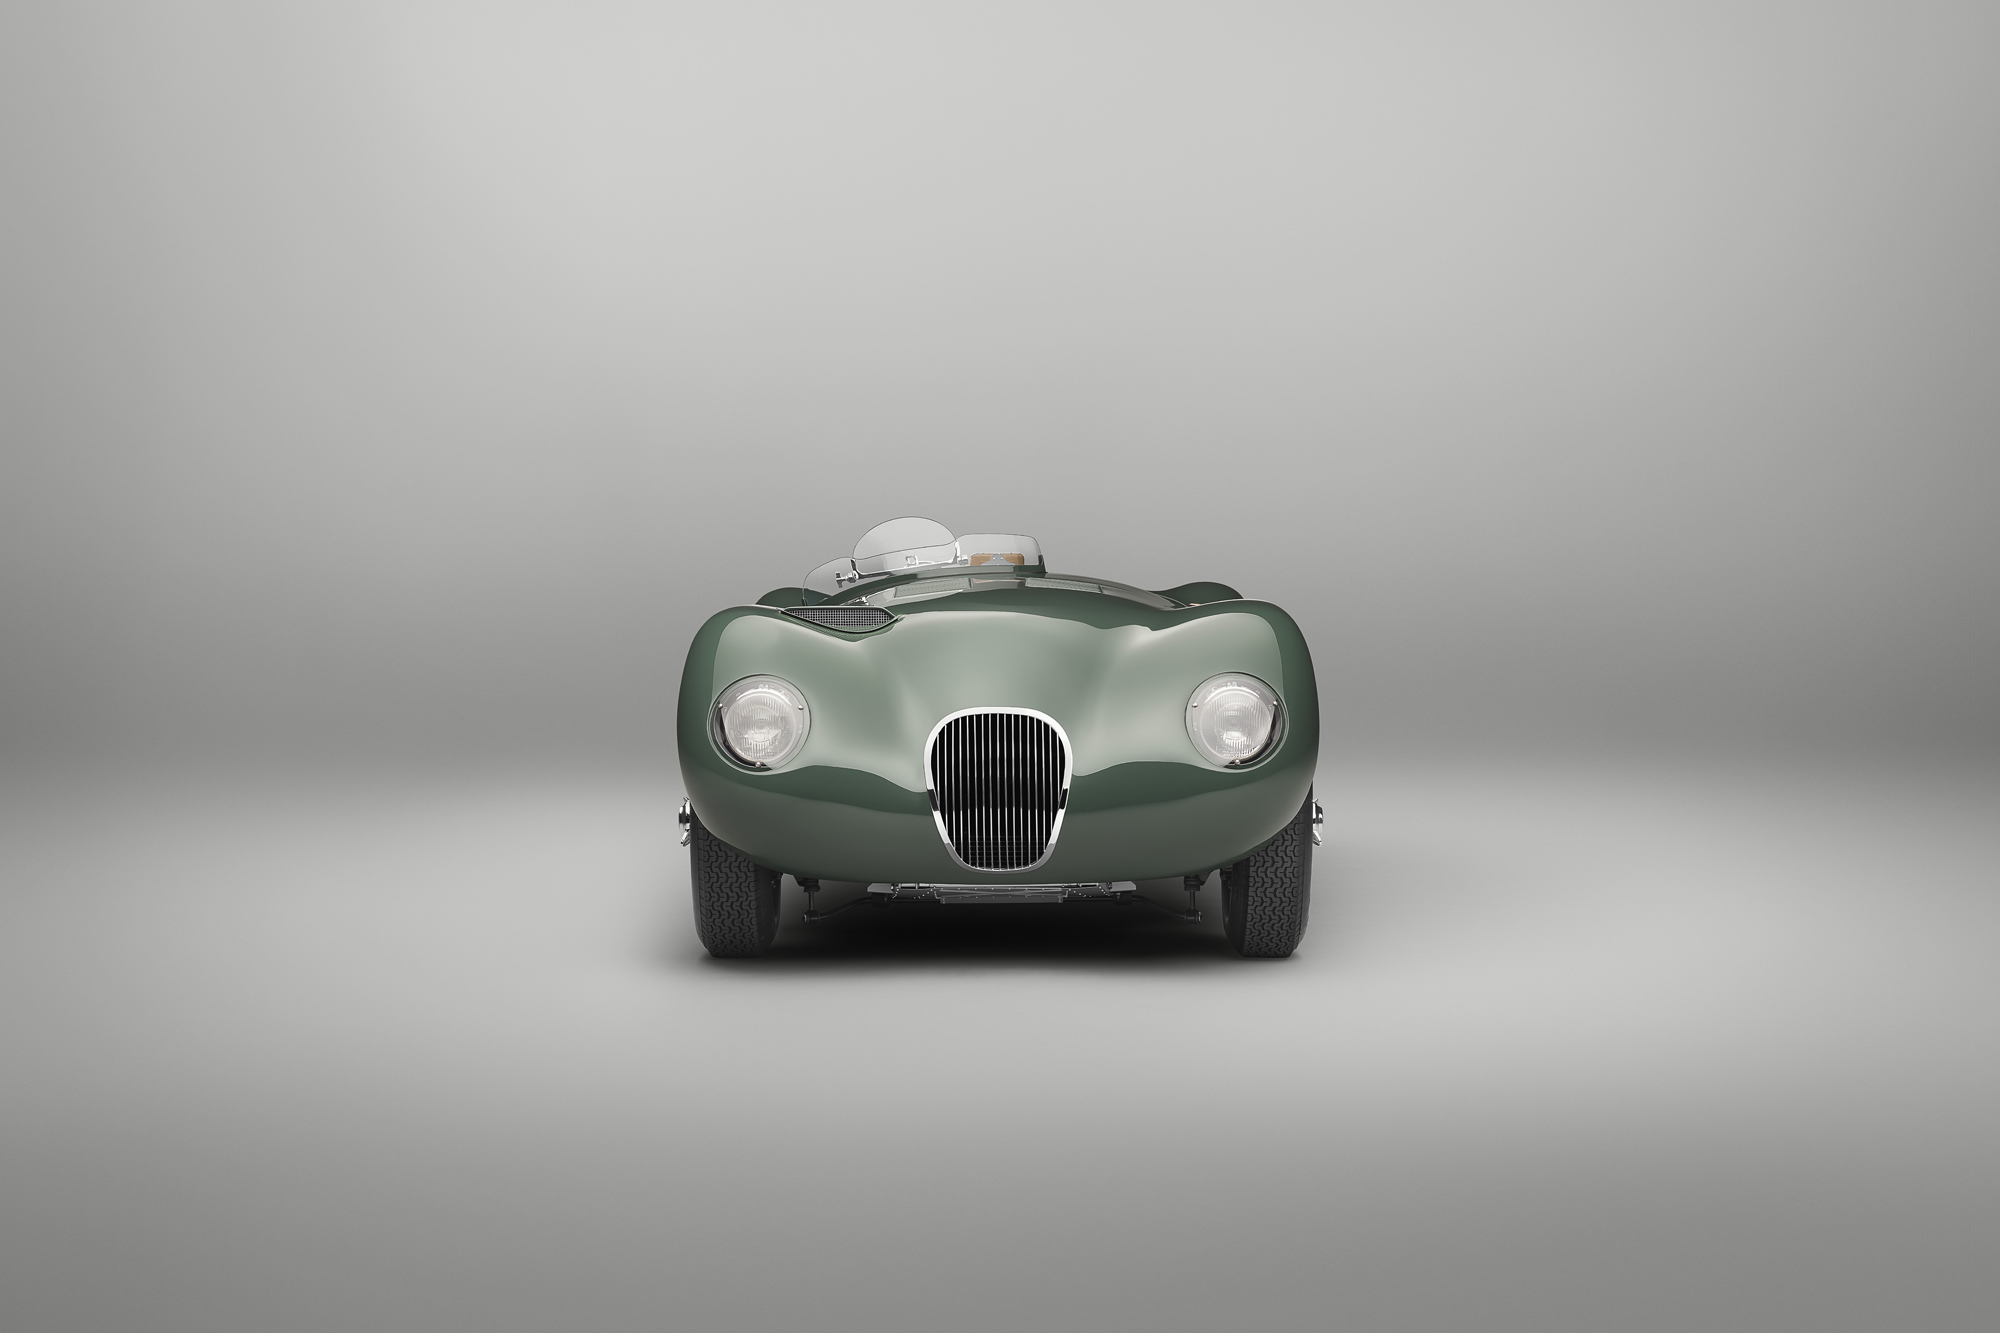 Jaguar C-type continuation front